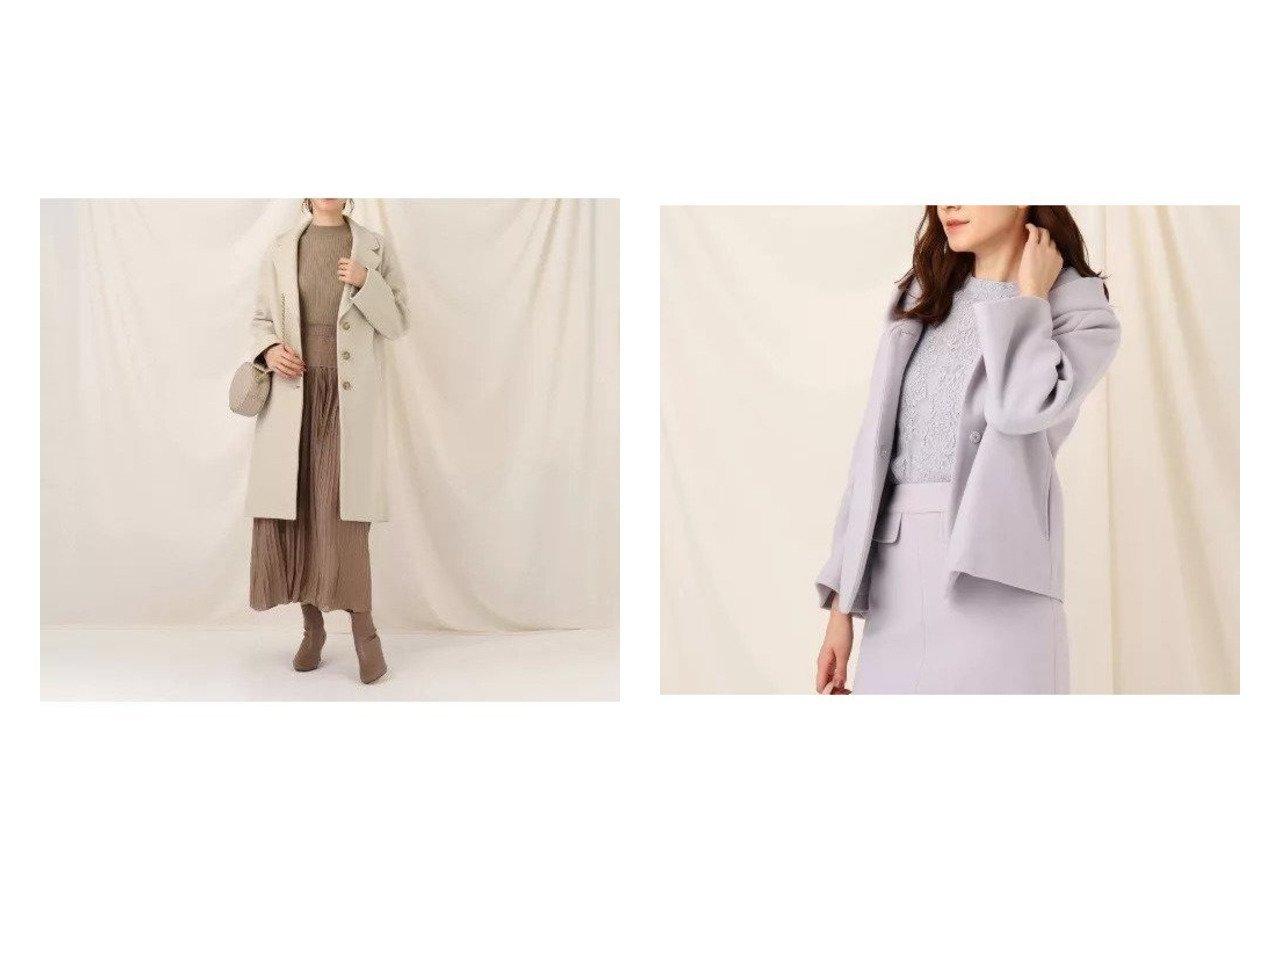 【Couture Brooch/クチュール ブローチ】のメルジャージショートコート&メルジャージチェスターコート アウターのおすすめ!人気、レディースファッションの通販  おすすめで人気のファッション通販商品 インテリア・家具・キッズファッション・メンズファッション・レディースファッション・服の通販 founy(ファニー) https://founy.com/ ファッション Fashion レディース WOMEN アウター Coat Outerwear コート Coats チェスターコート Top Coat Pコート Pea Coats ショルダー スタイリッシュ ストレート チェスターコート トレンド ドロップ フォルム マキシ ロング なめらか シンプル ボトム メルトン 人気 |ID:crp329100000002351